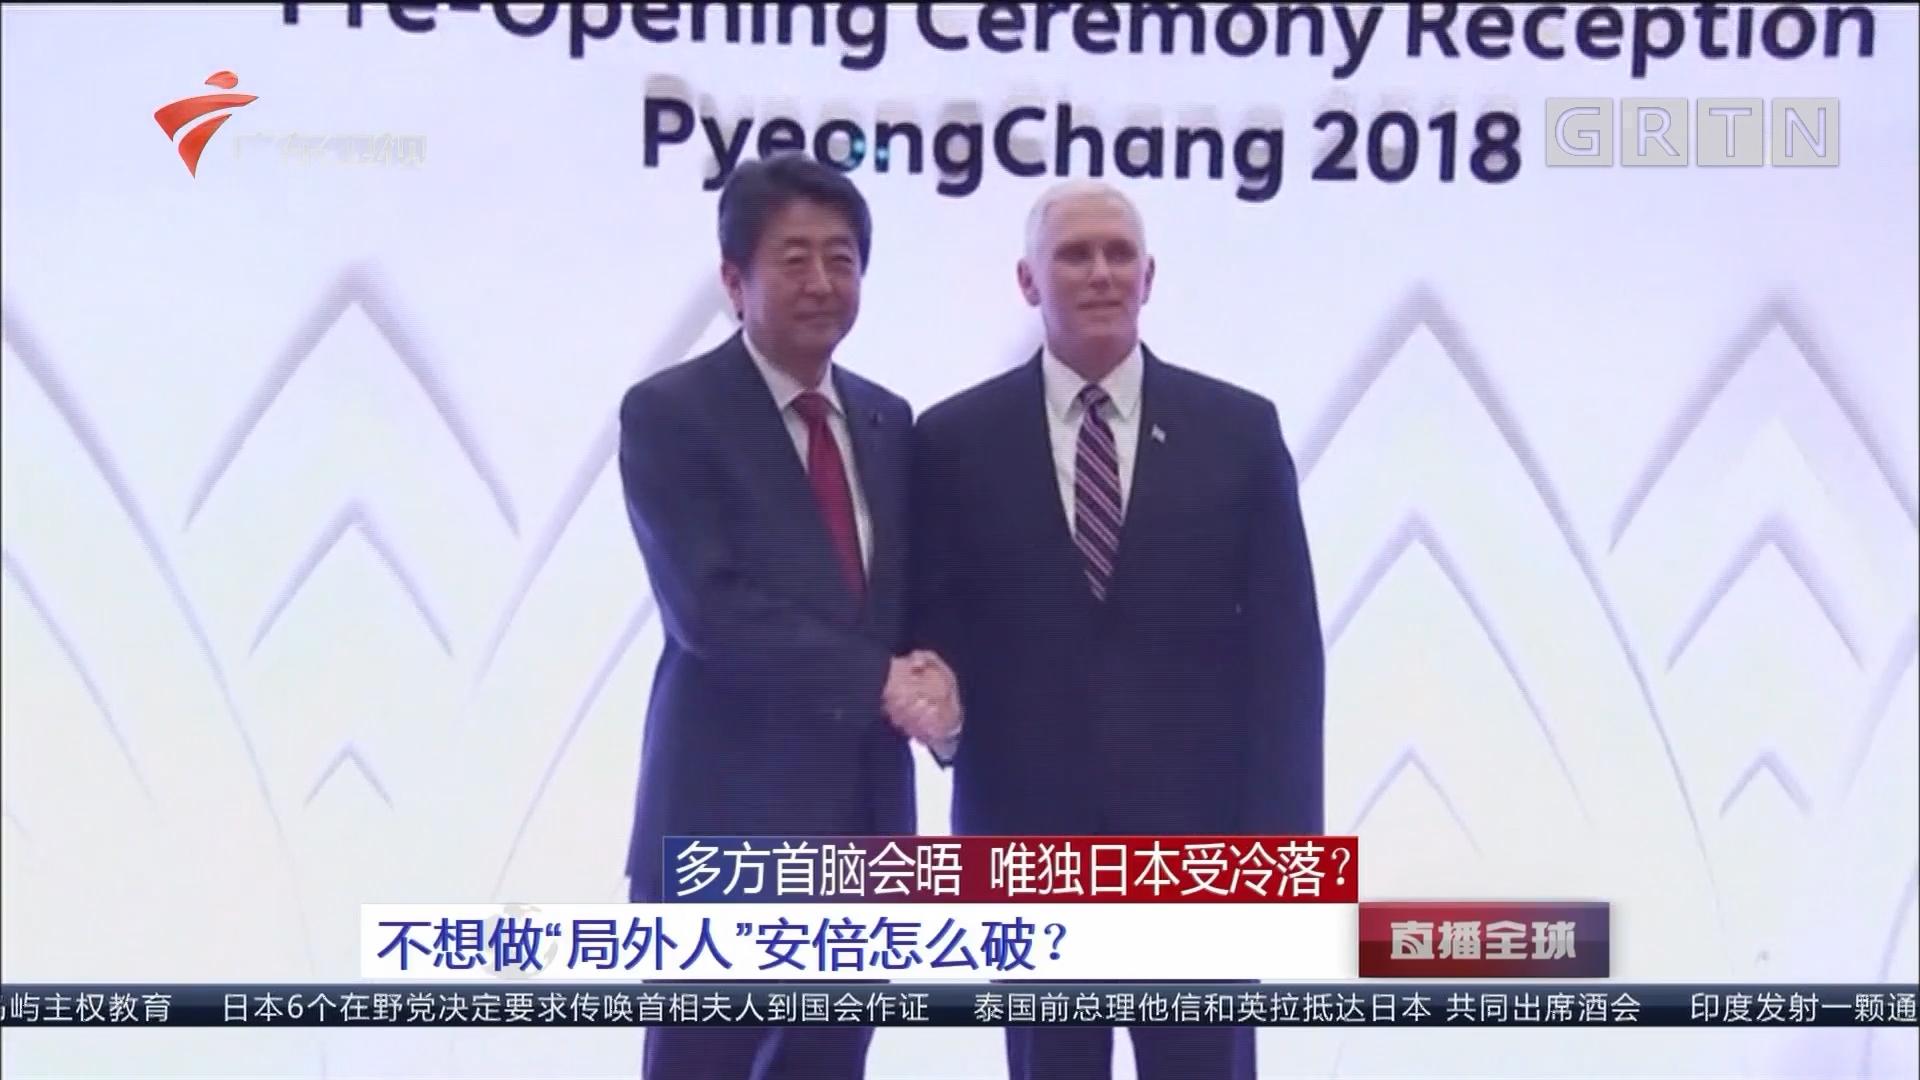 """多方首脑会晤 唯独日本受冷落? 不想做""""局外人""""安倍怎么破?"""